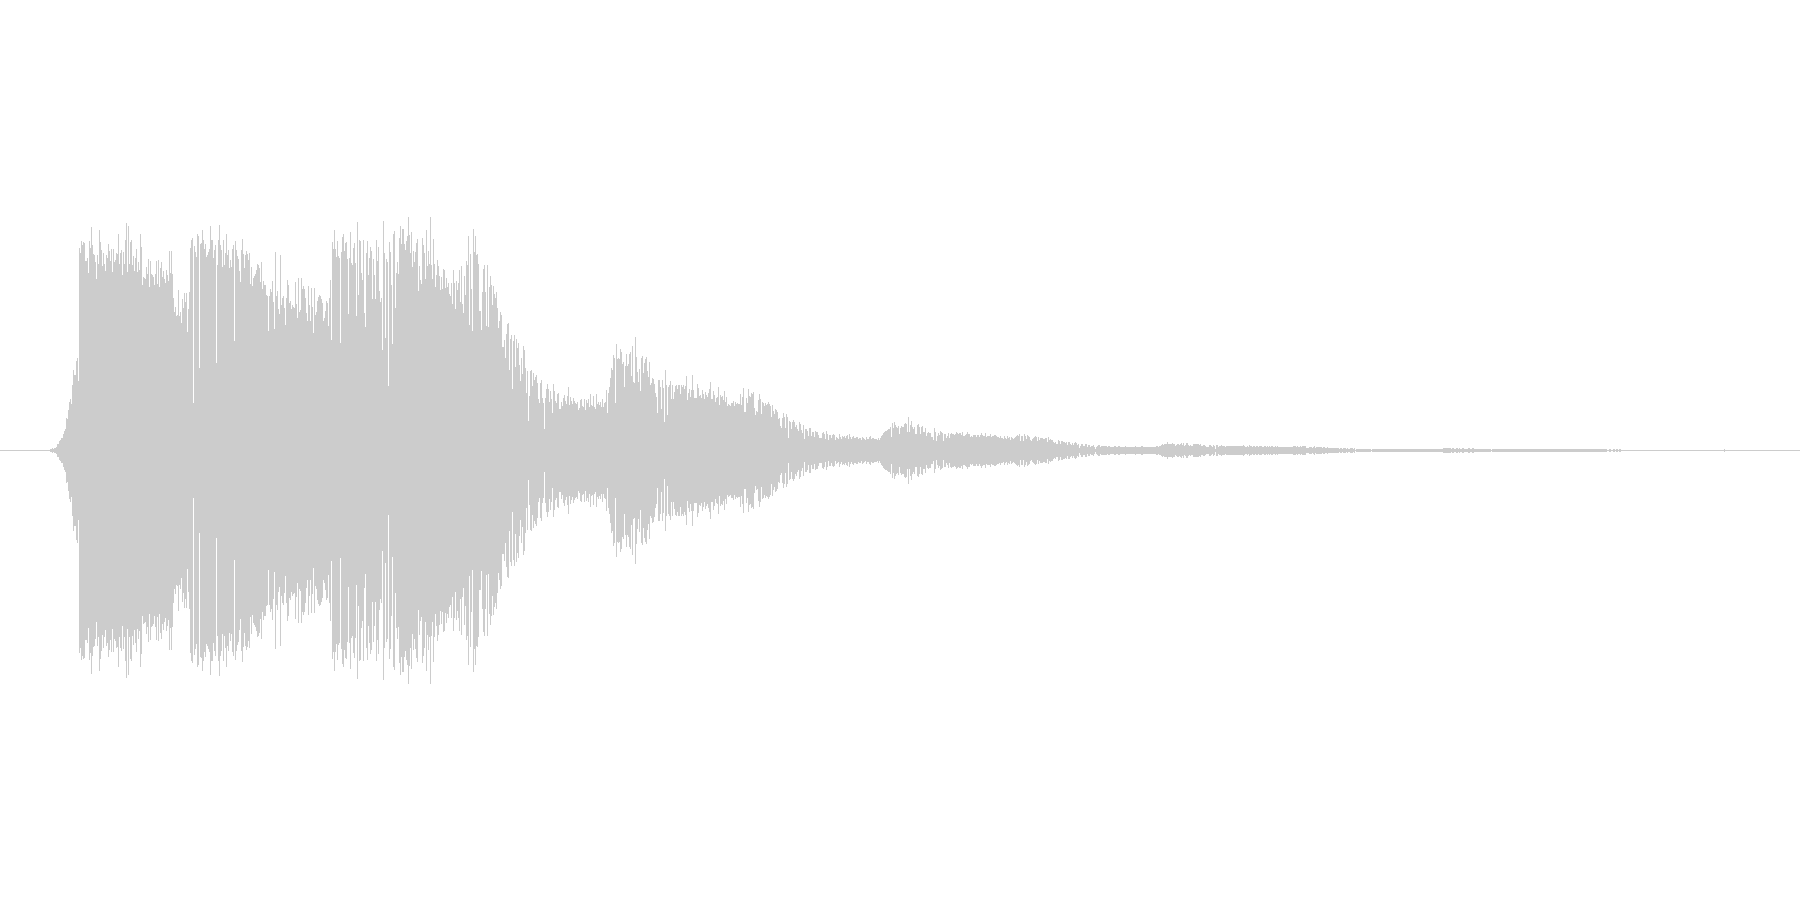 ファミコン風効果音決定音系です 01の未再生の波形